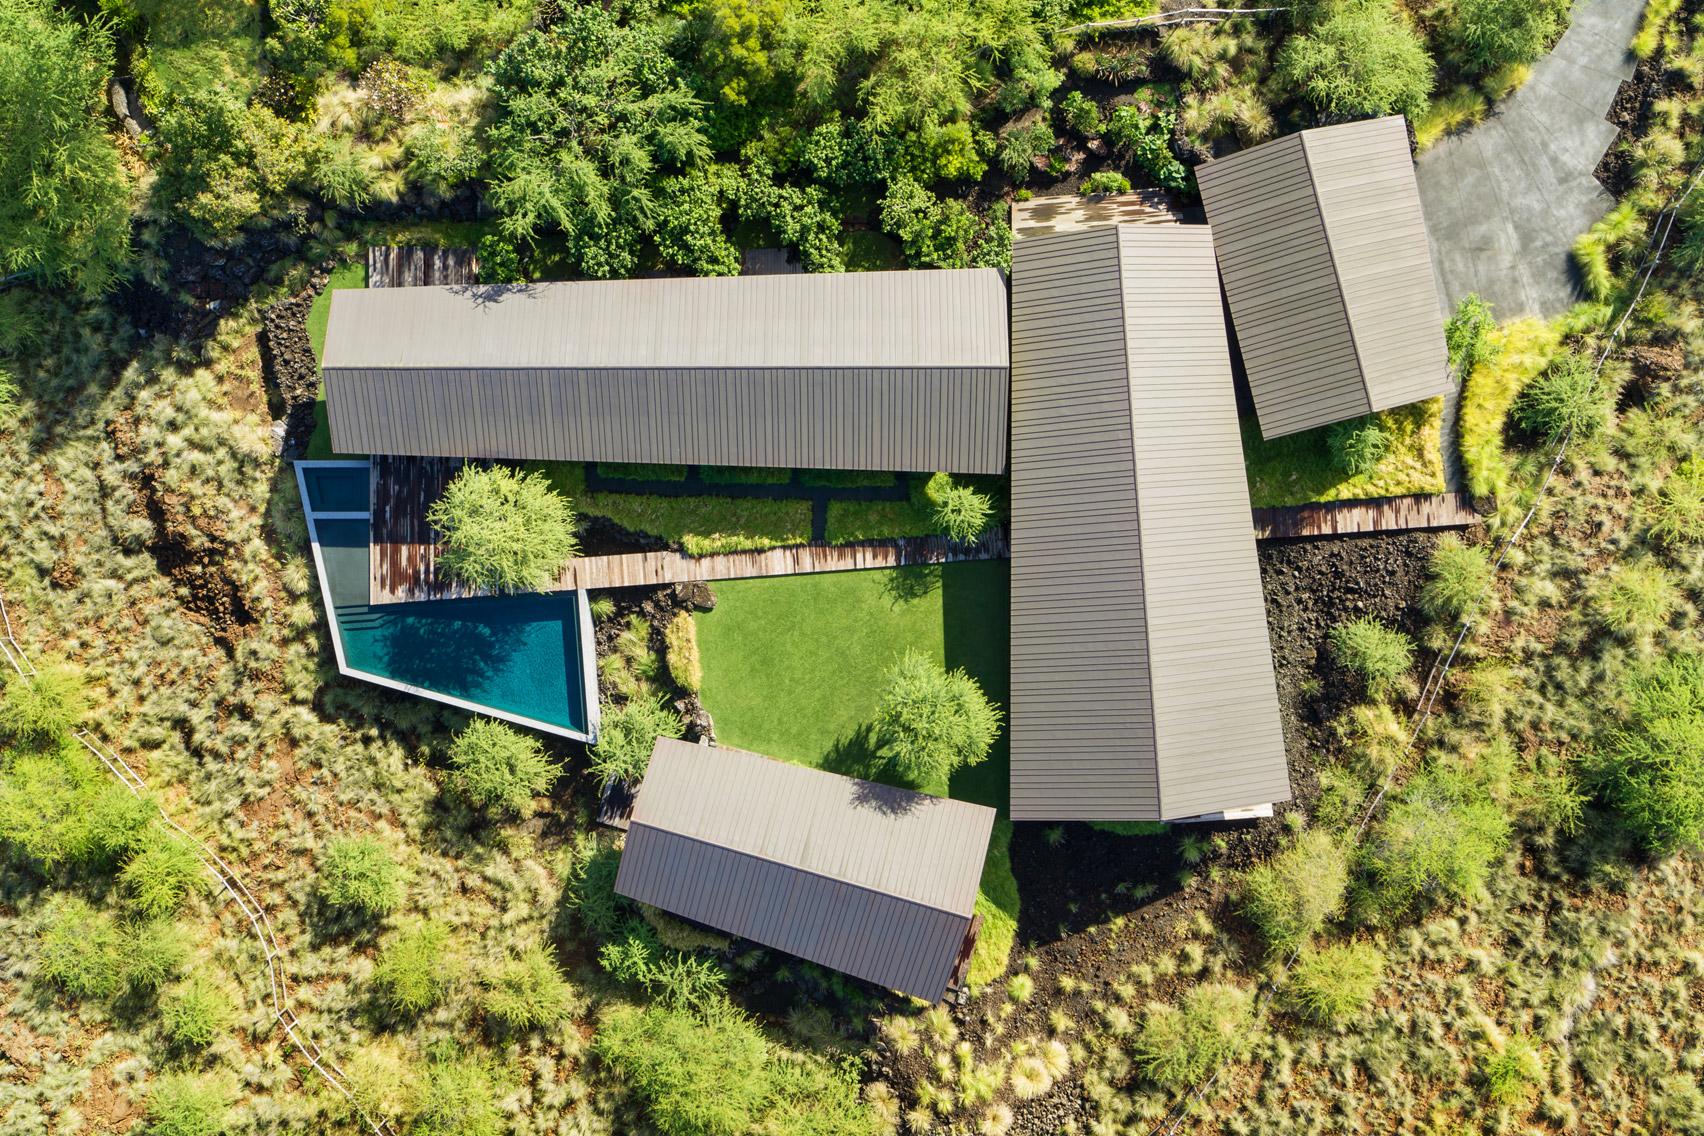 Hale Mau'u house from overhead